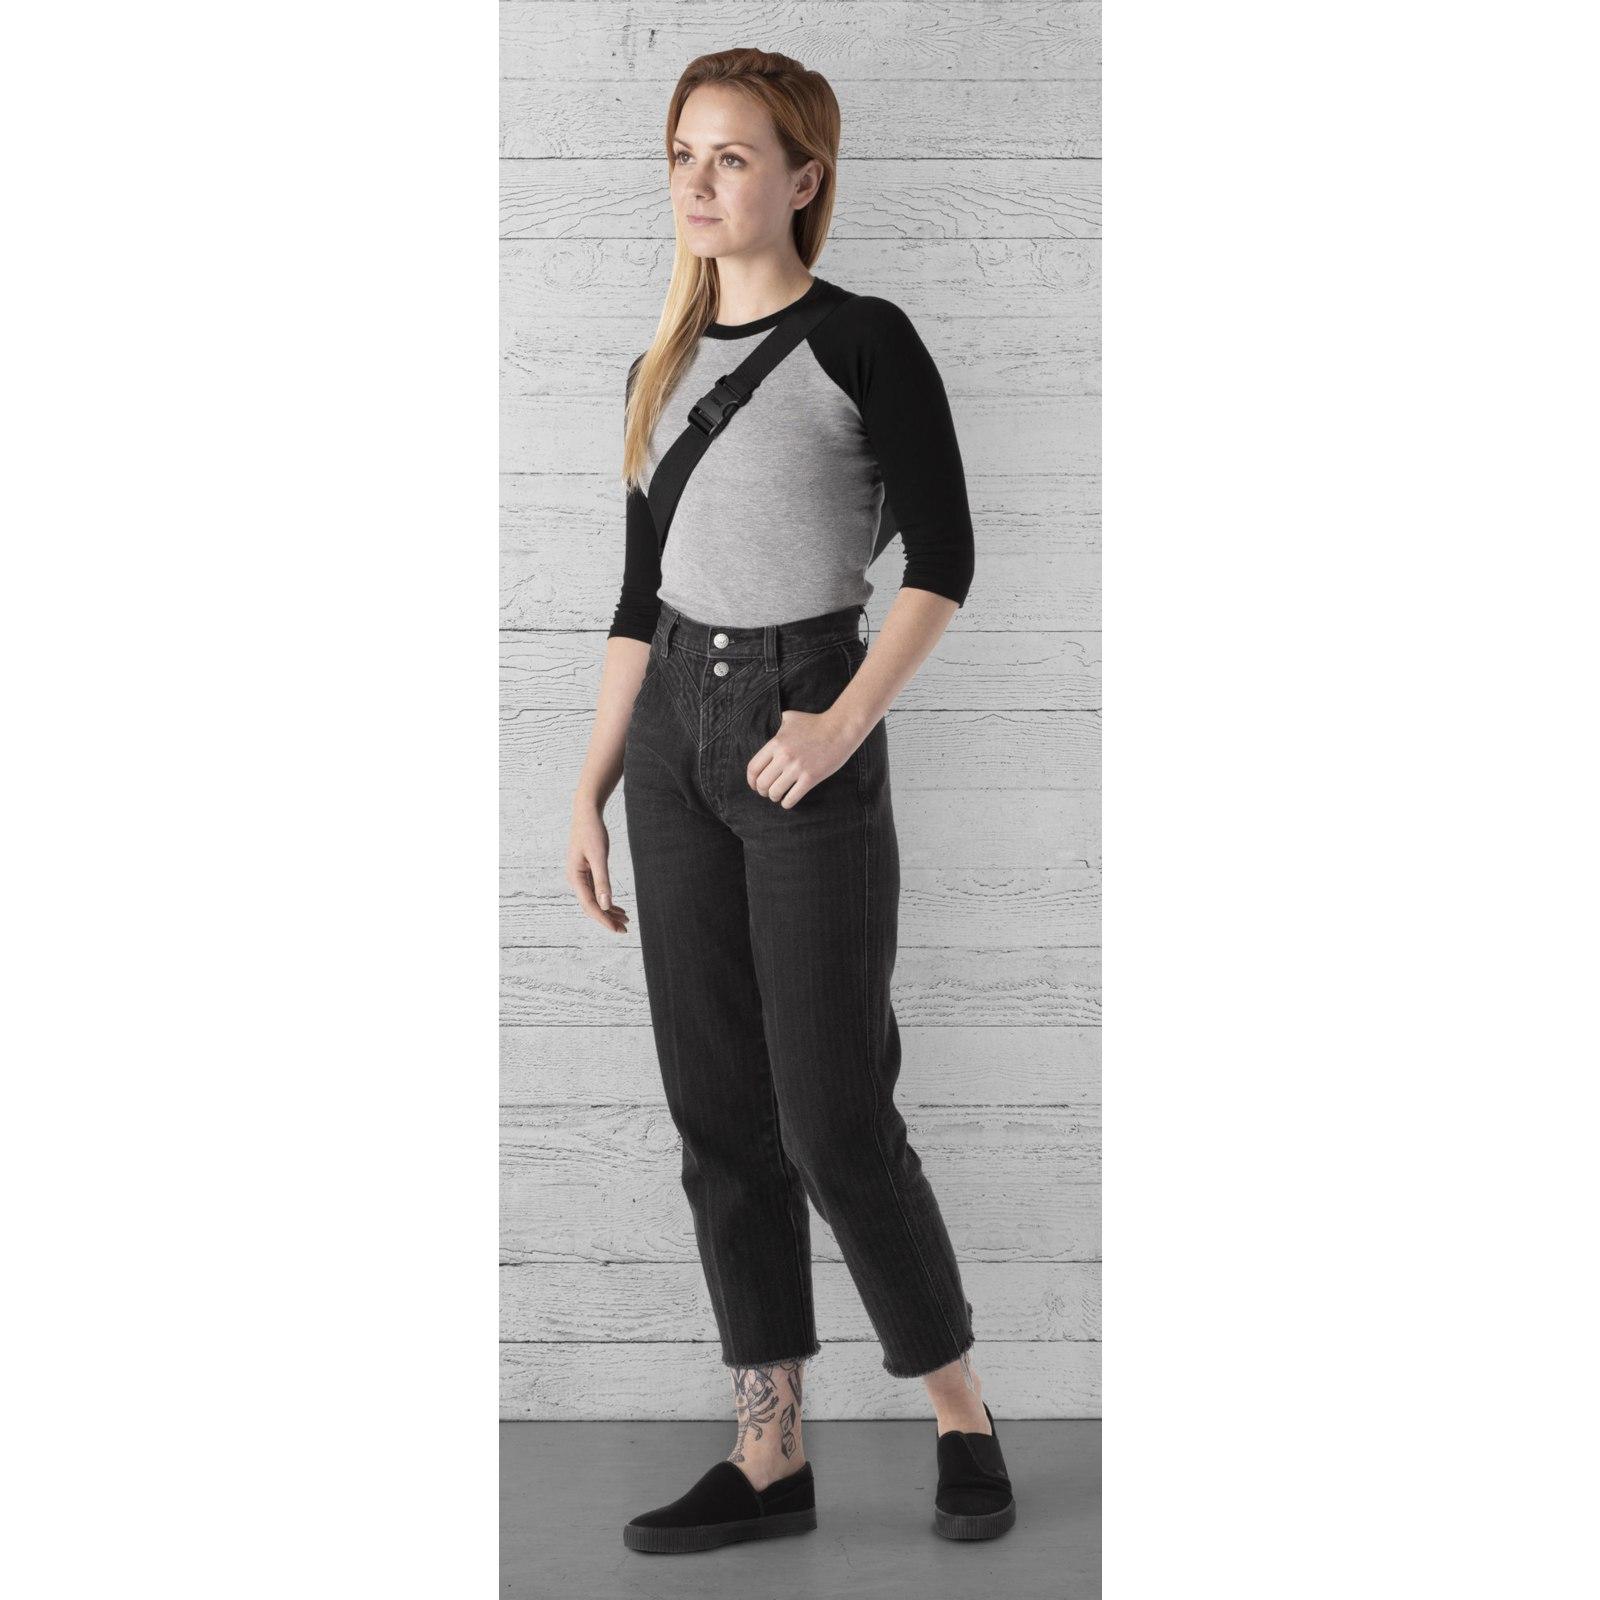 Image of CHROME Helix Handlebar Bag & Shoulder Bag - black